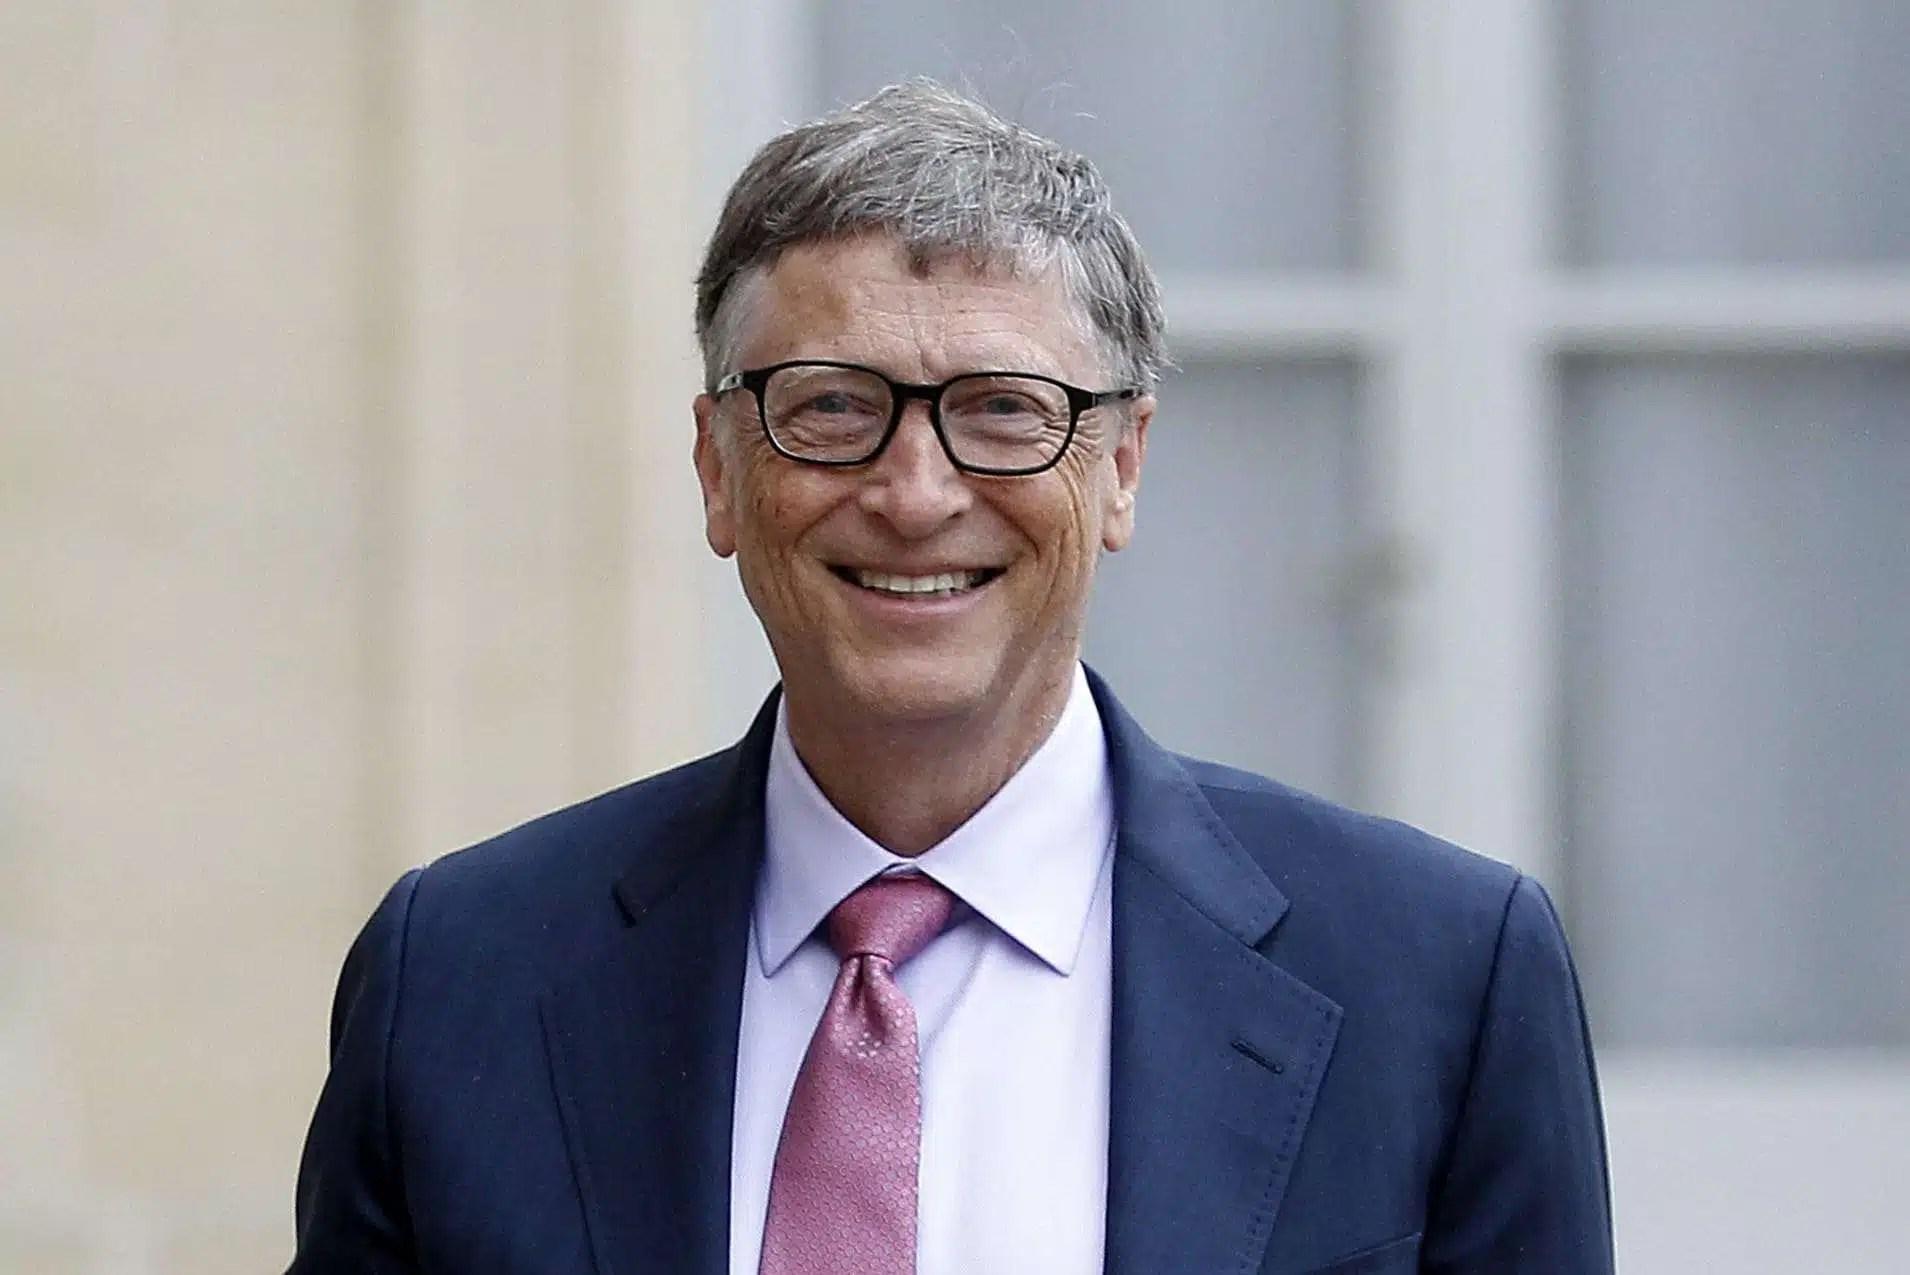 Bill GatesChesnot | Getty Images